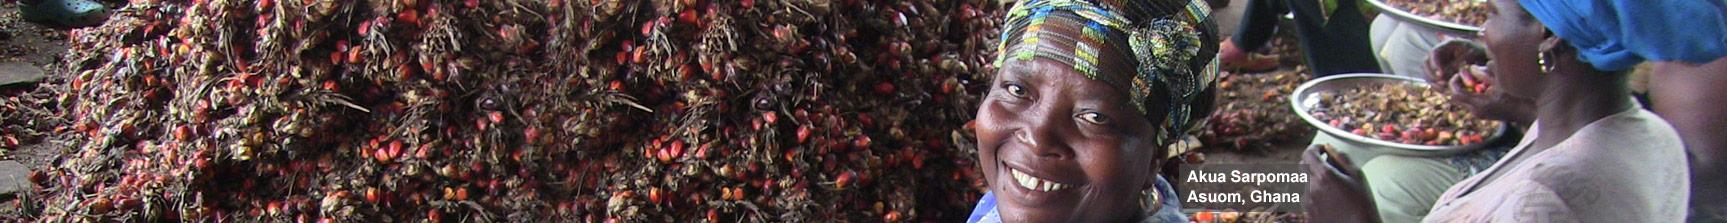 fair trade palmoil